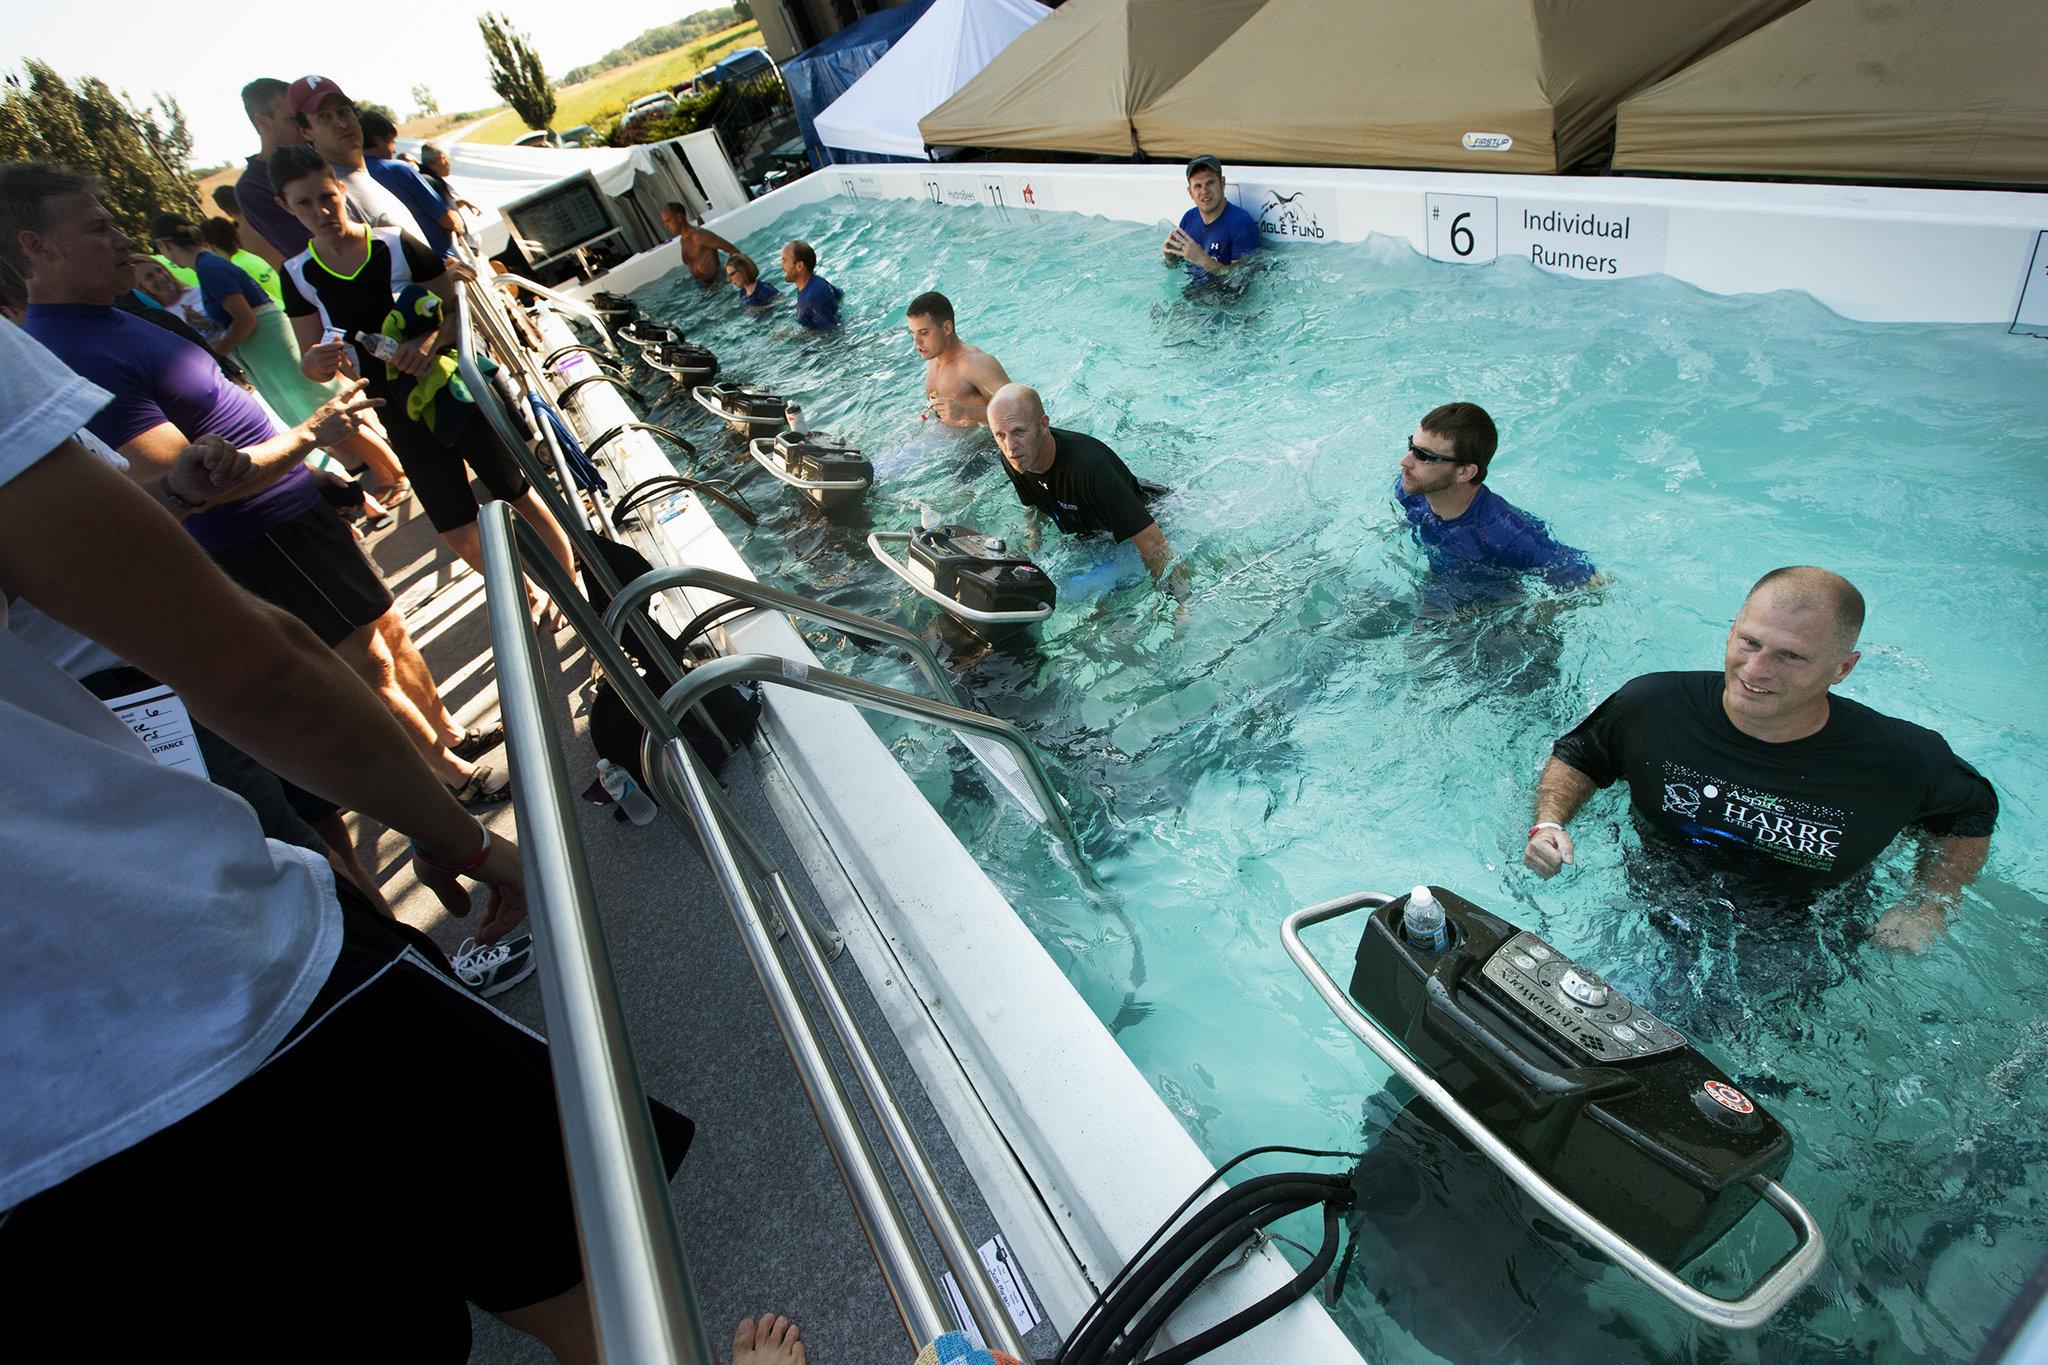 weird 5k runs - HydroWorx Underwater Marathon